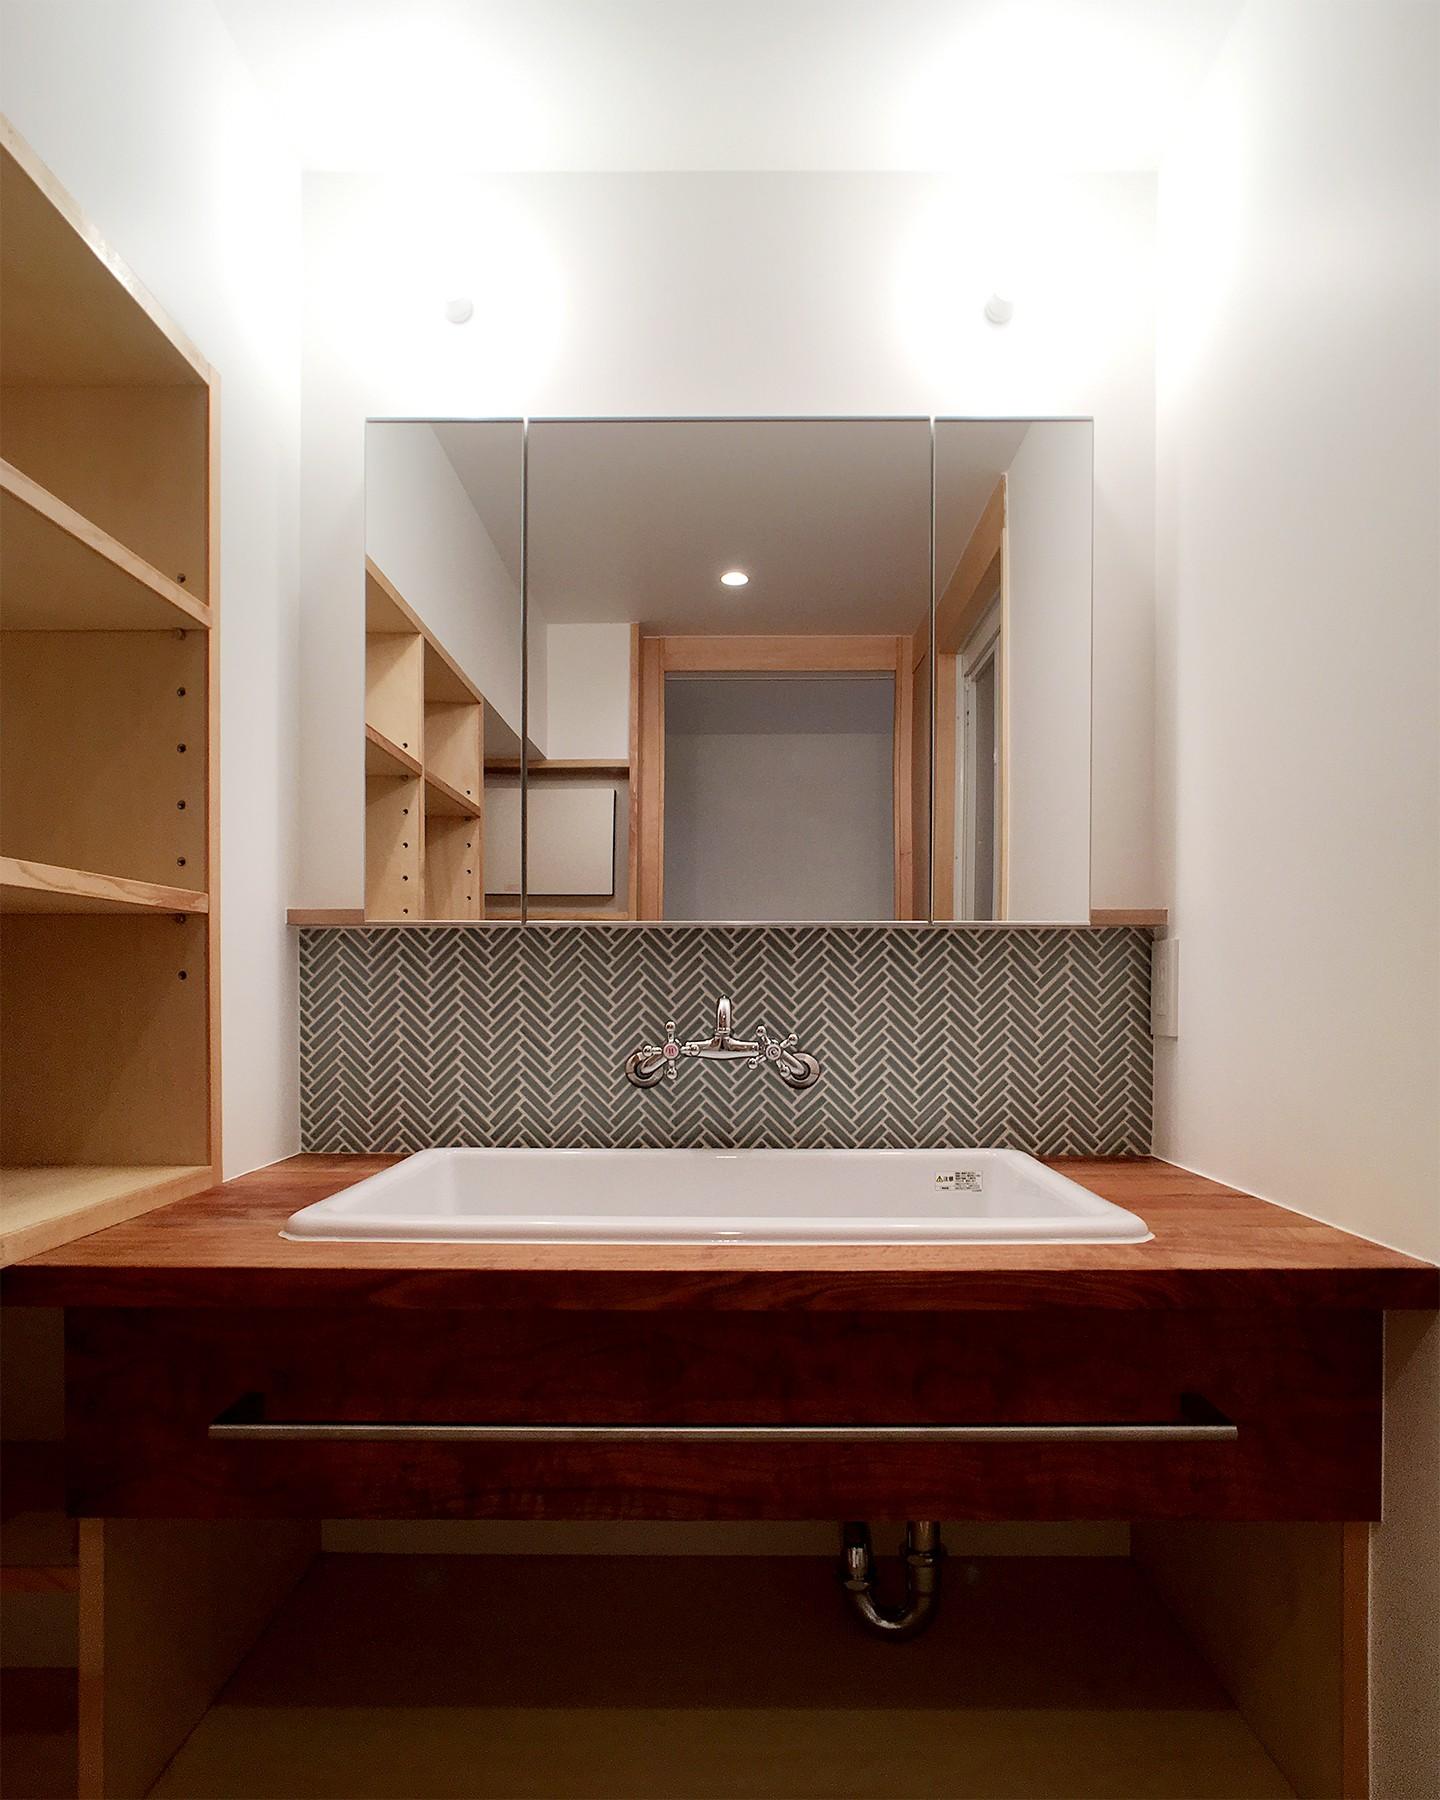 その他事例:ヘリンボーン貼のモザイクタイルがきれいな洗面室(裁縫スペースのある家 浦和マンションリノベーション)